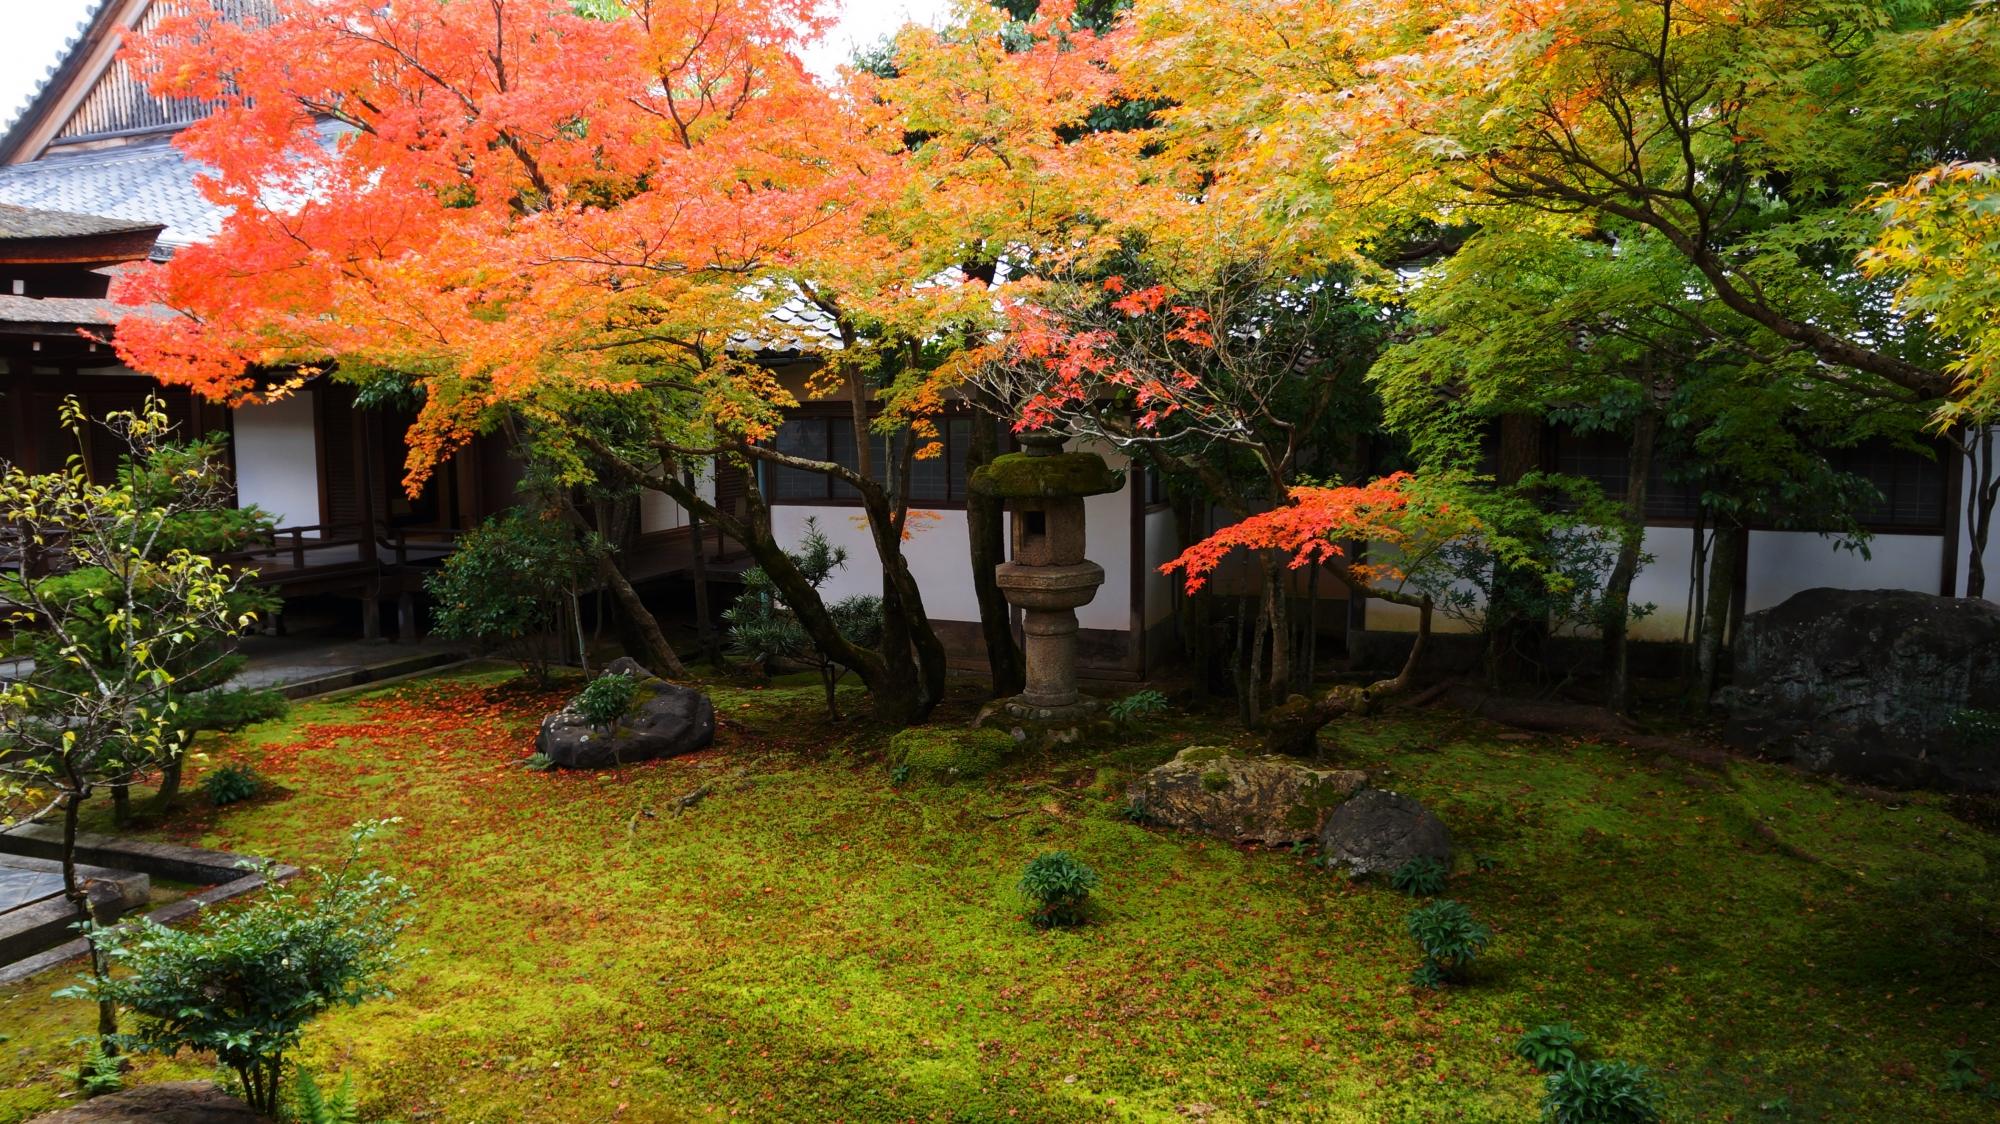 仁和寺の黒書院前庭園の紅葉